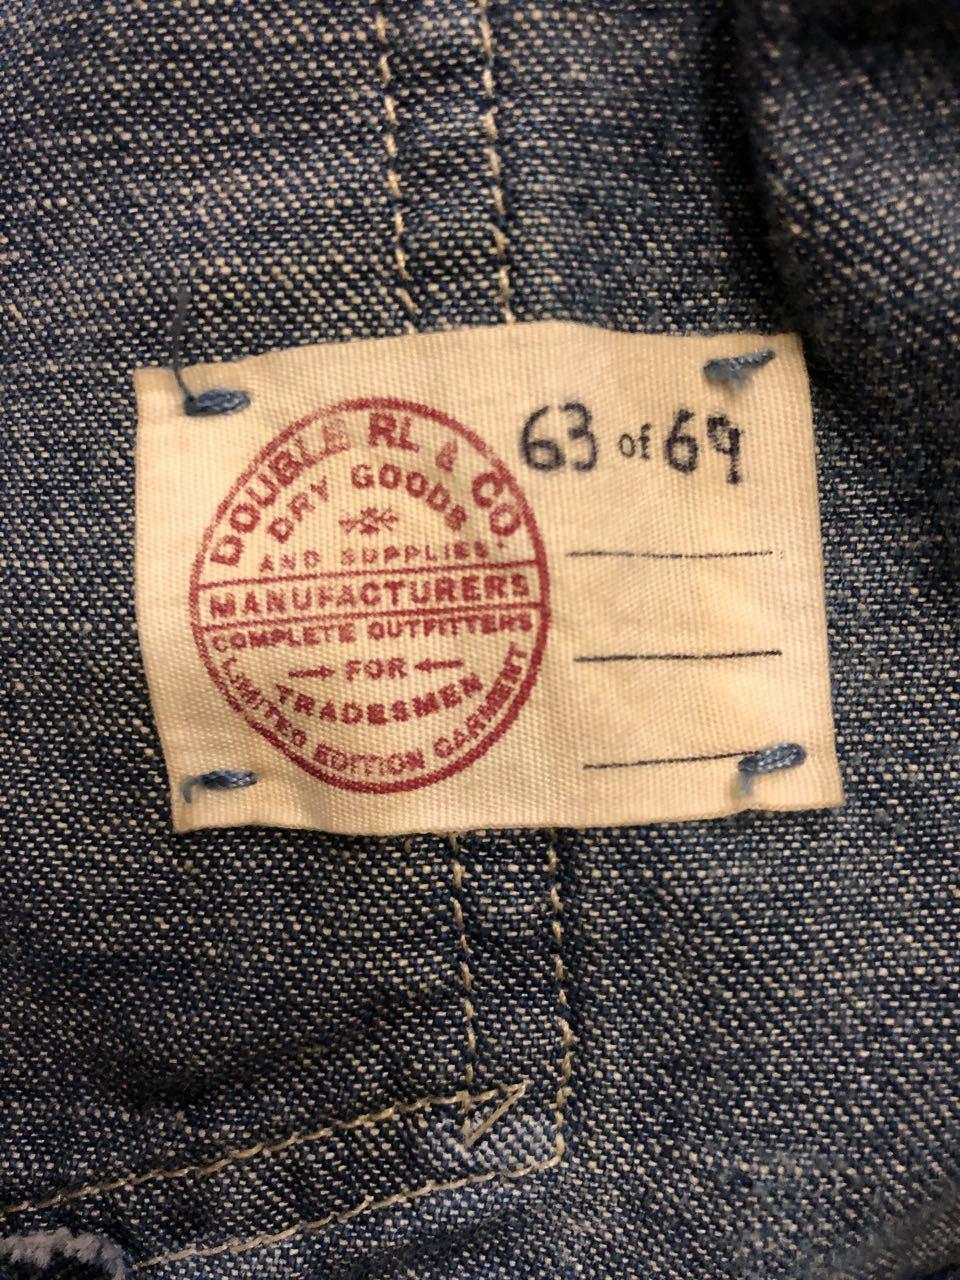 1月4日(土)入荷!Made in U.S.A ダブルアールエル 69枚限定 チンスト 変形ポケット Double RL Engineer Coat  LIMITED EDITION!_c0144020_13410827.jpg